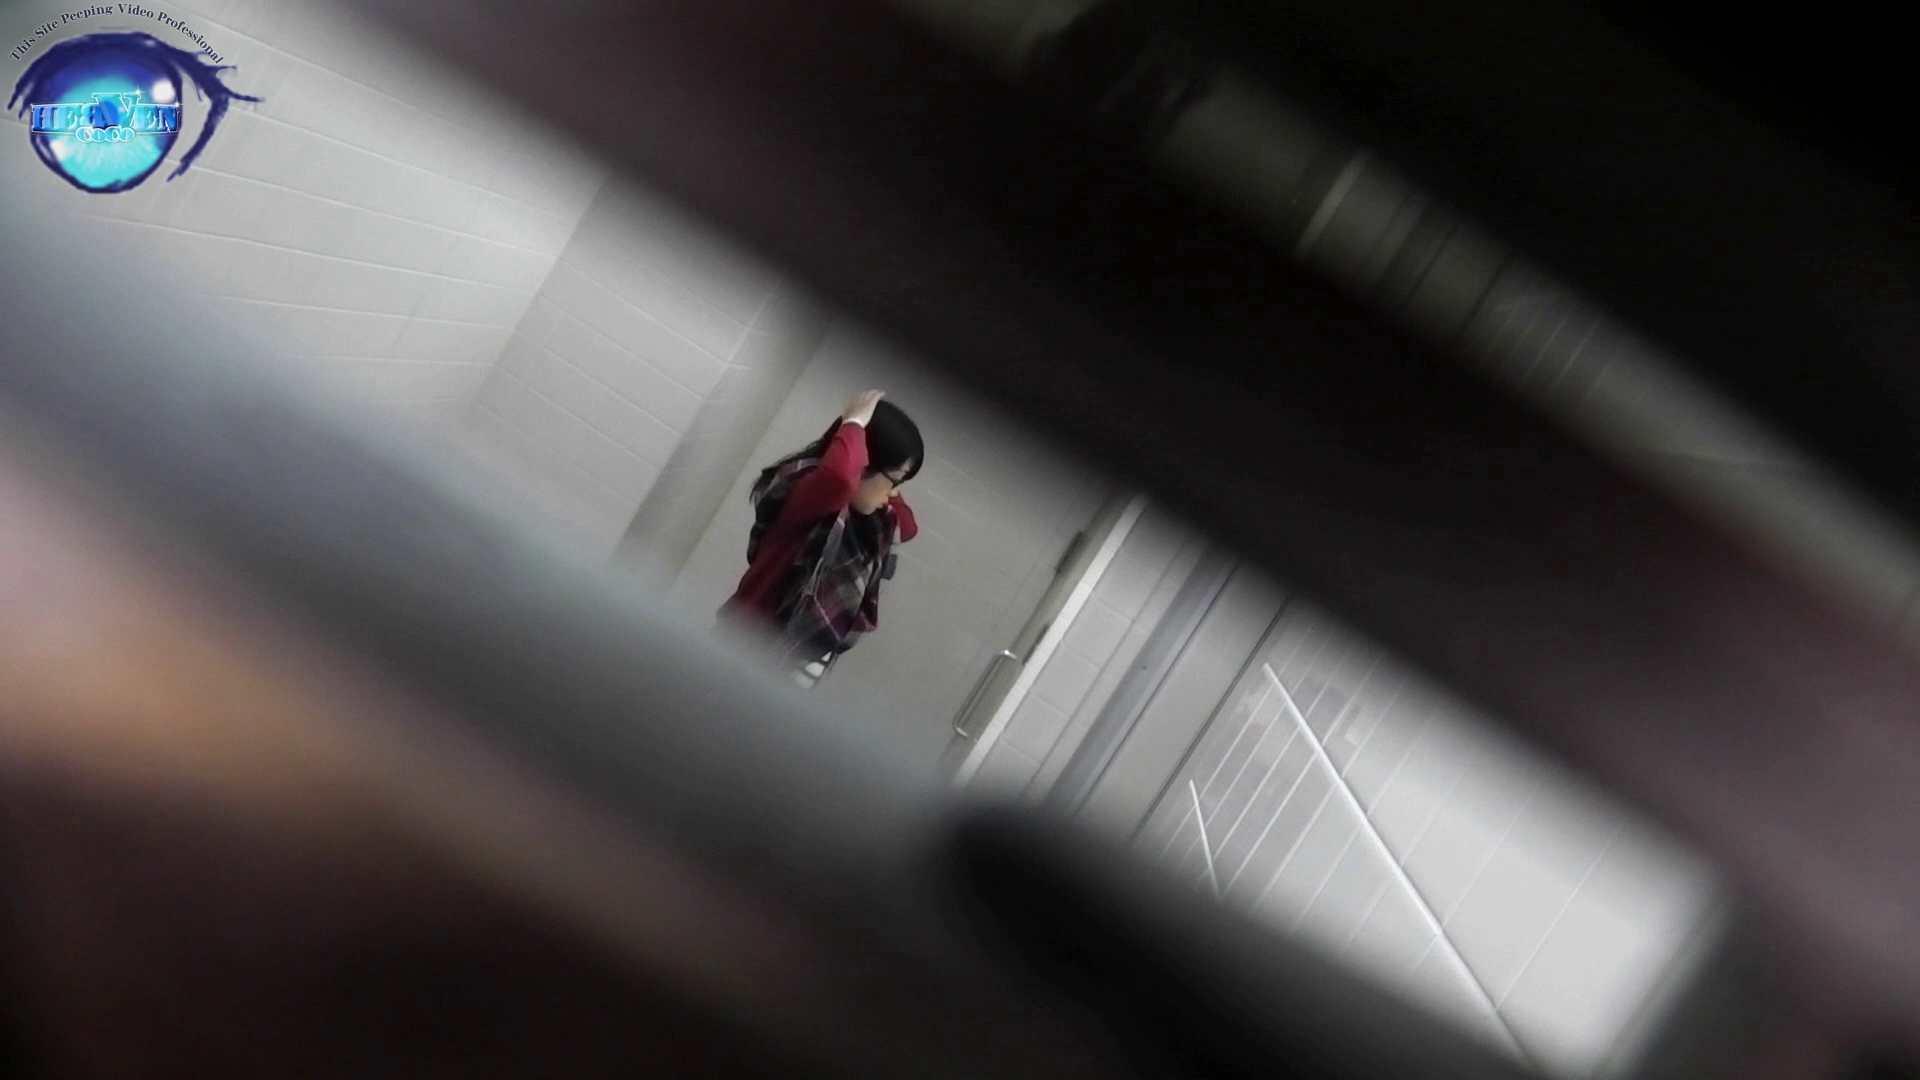 お銀さん vol.59 ピンチ!!「鏡の前で祈る女性」にばれる危機 後編 0   0  77連発 29